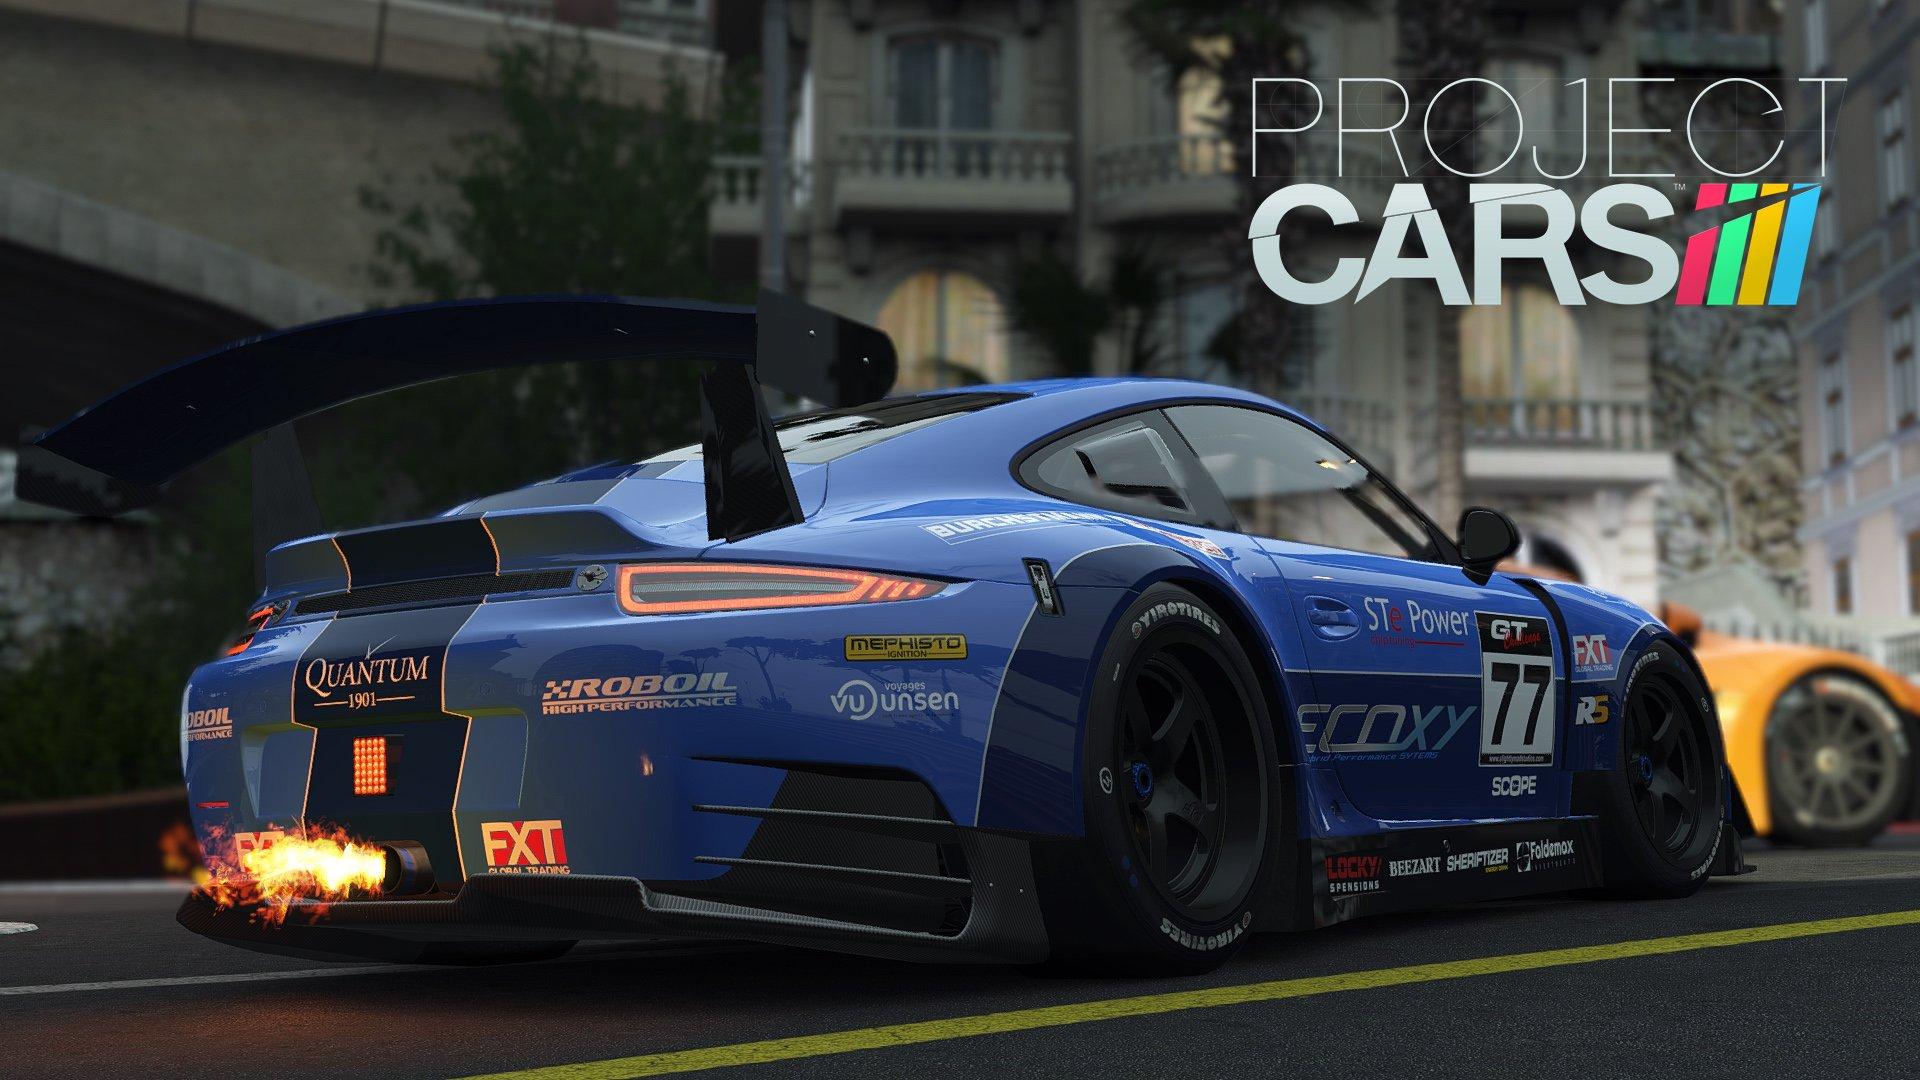 С Project Cars прокатили. - Изображение 1